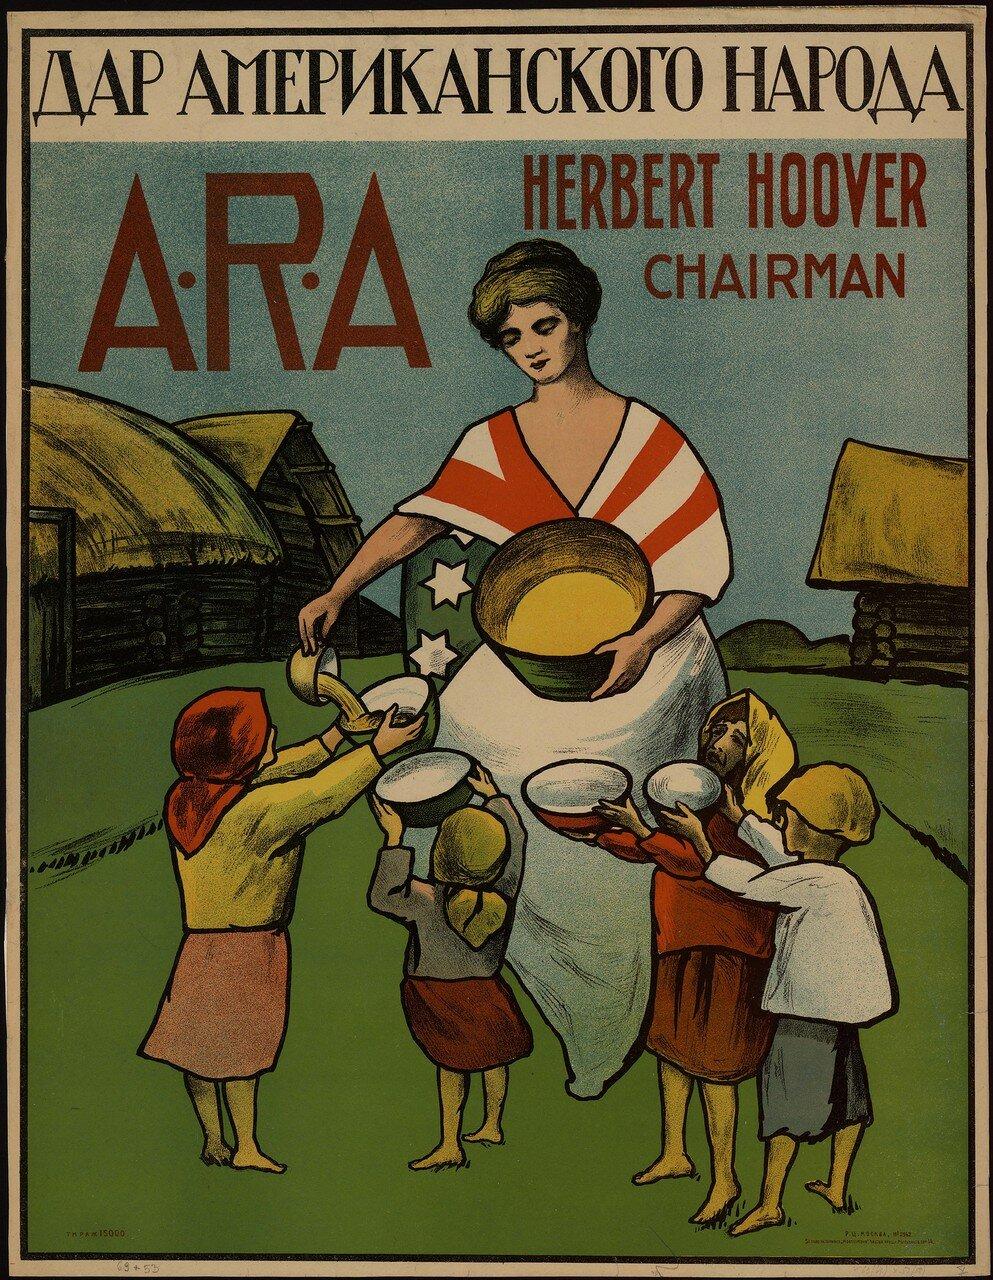 Дар американского народа A.R.A Yerbert Hoover chairman  5-я Типо-Литография Мосполиграф